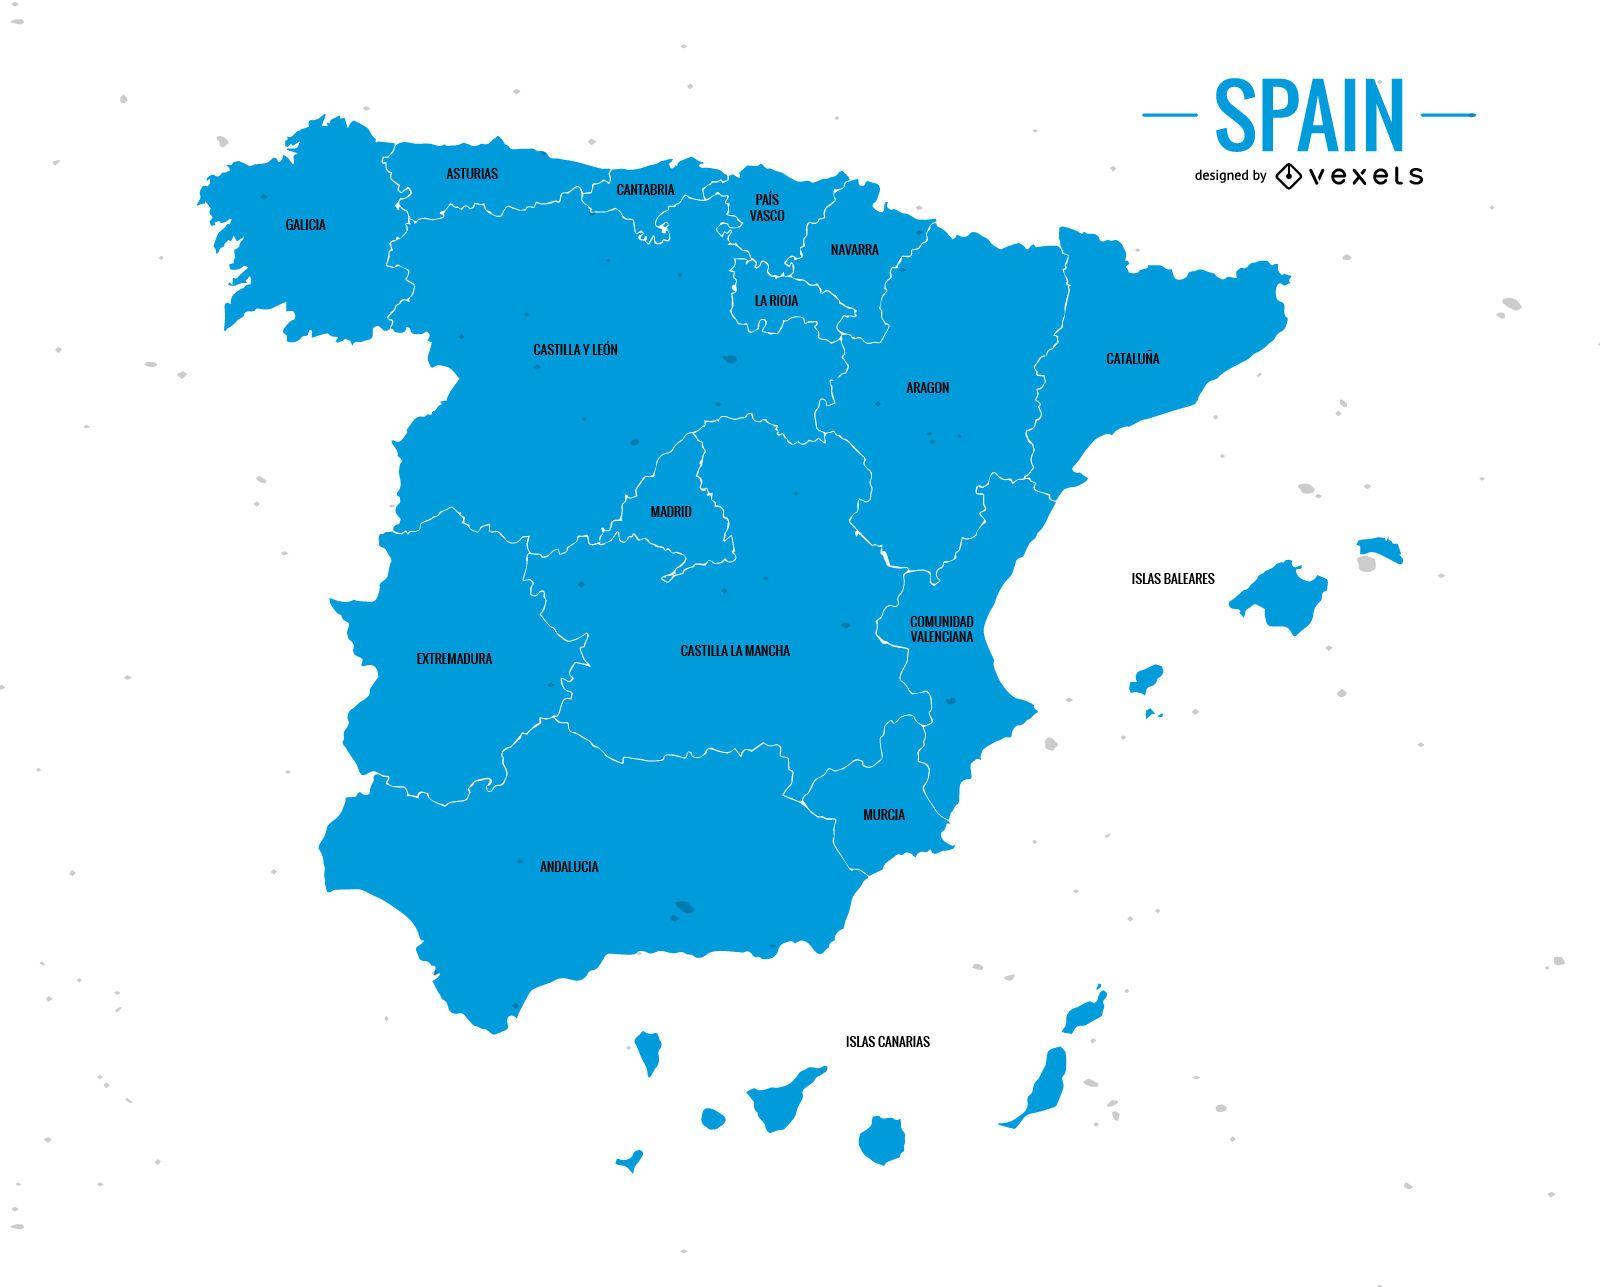 Karte der spanischen Verwaltungsabteilung